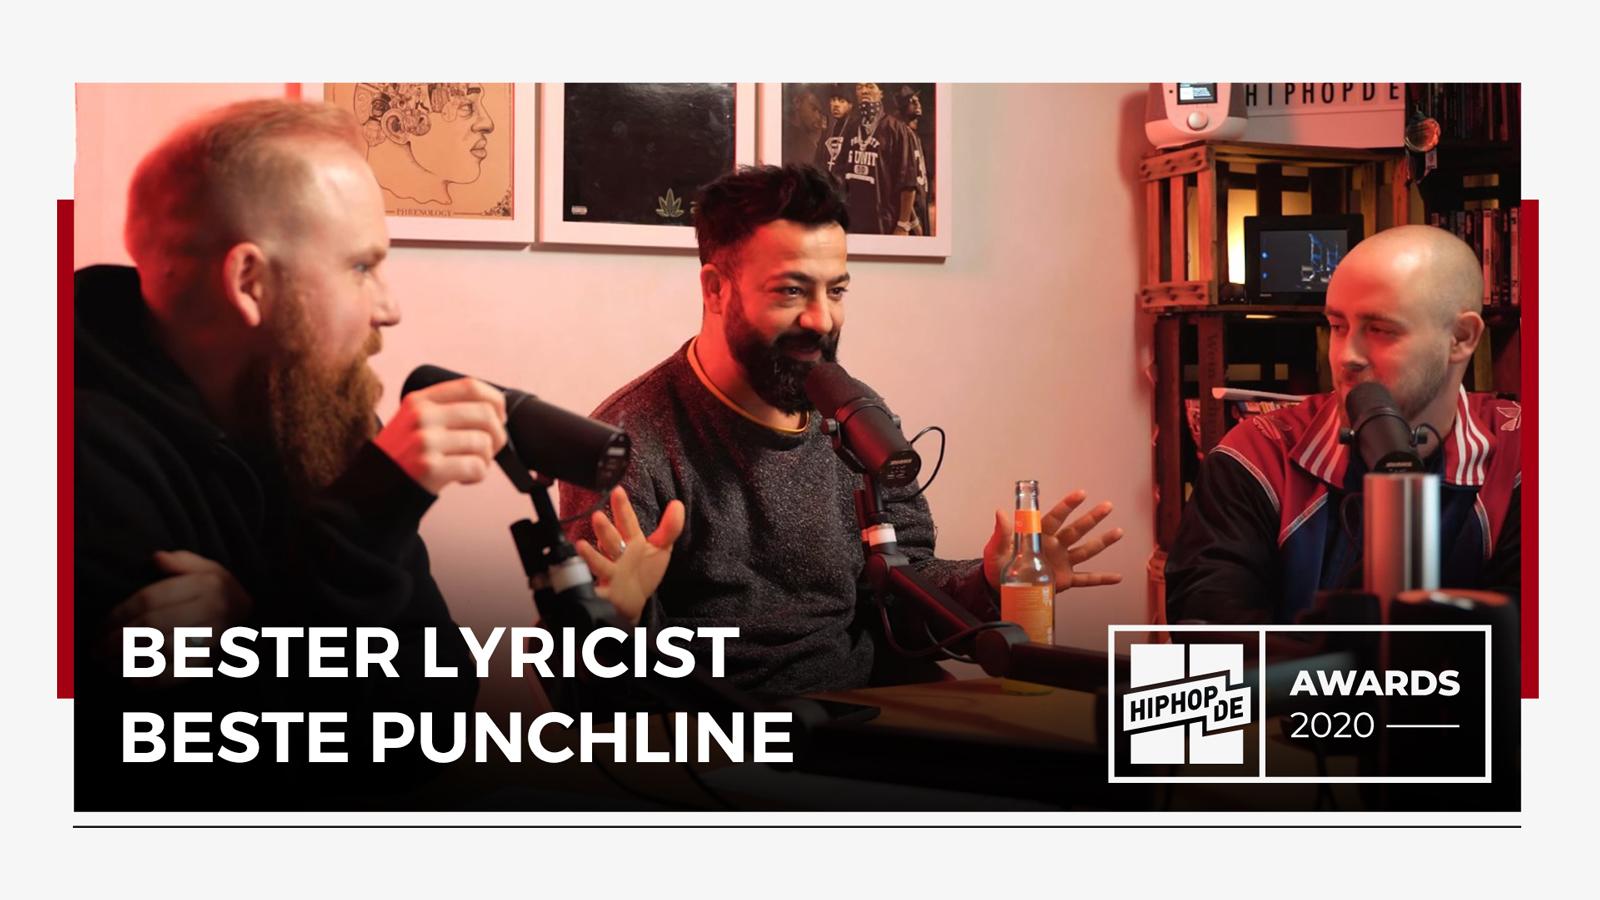 """Jahresrückblick:  """"Bester Lyricist"""" und """"Beste Punchline"""" – Hiphop.de Awards 2020 (2/8)"""